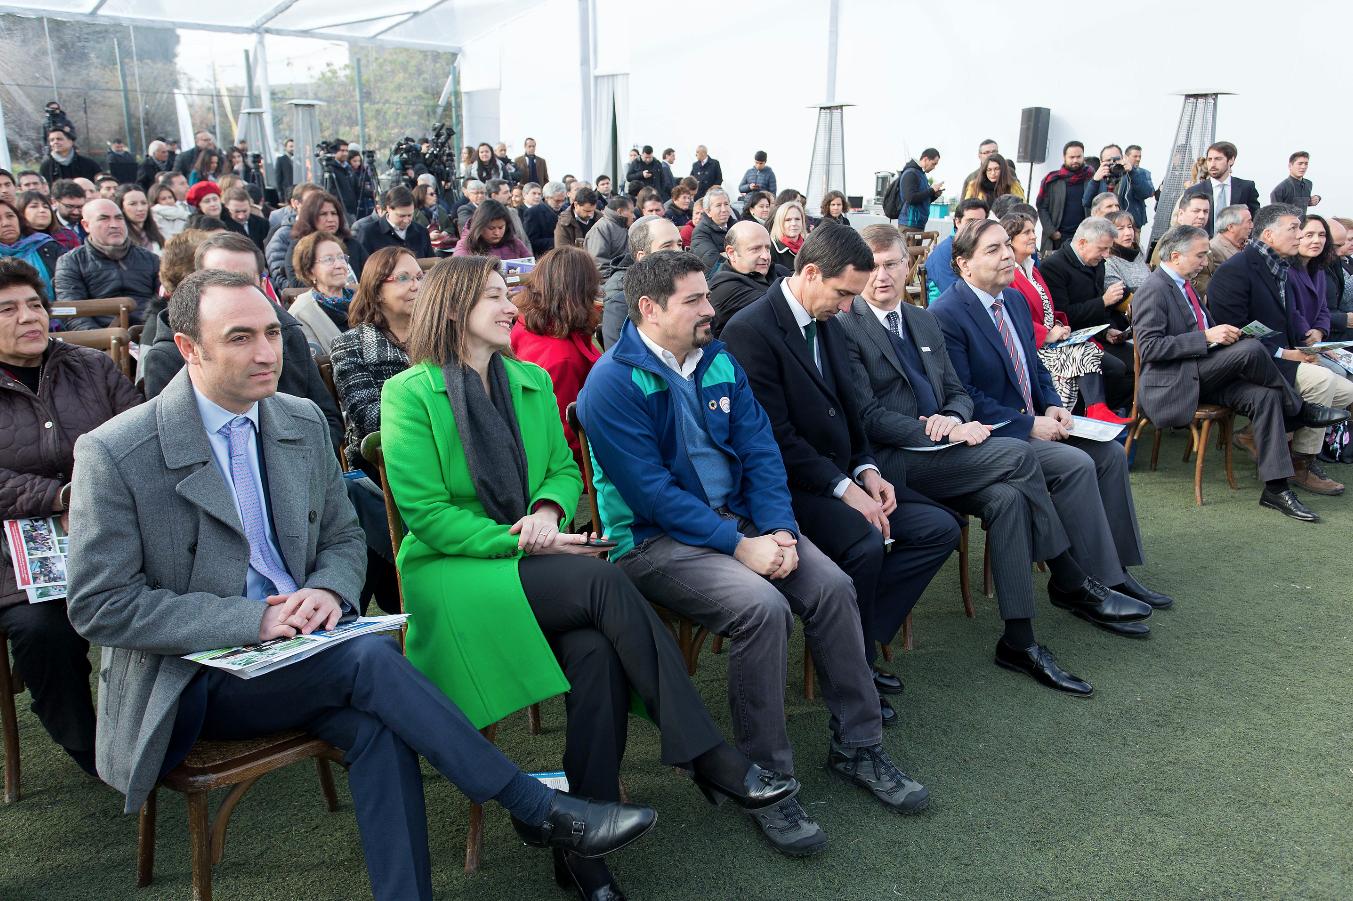 produccion-evento-inauguracion-linea-lo-aguirre-cerro-navia-cproducciones-1